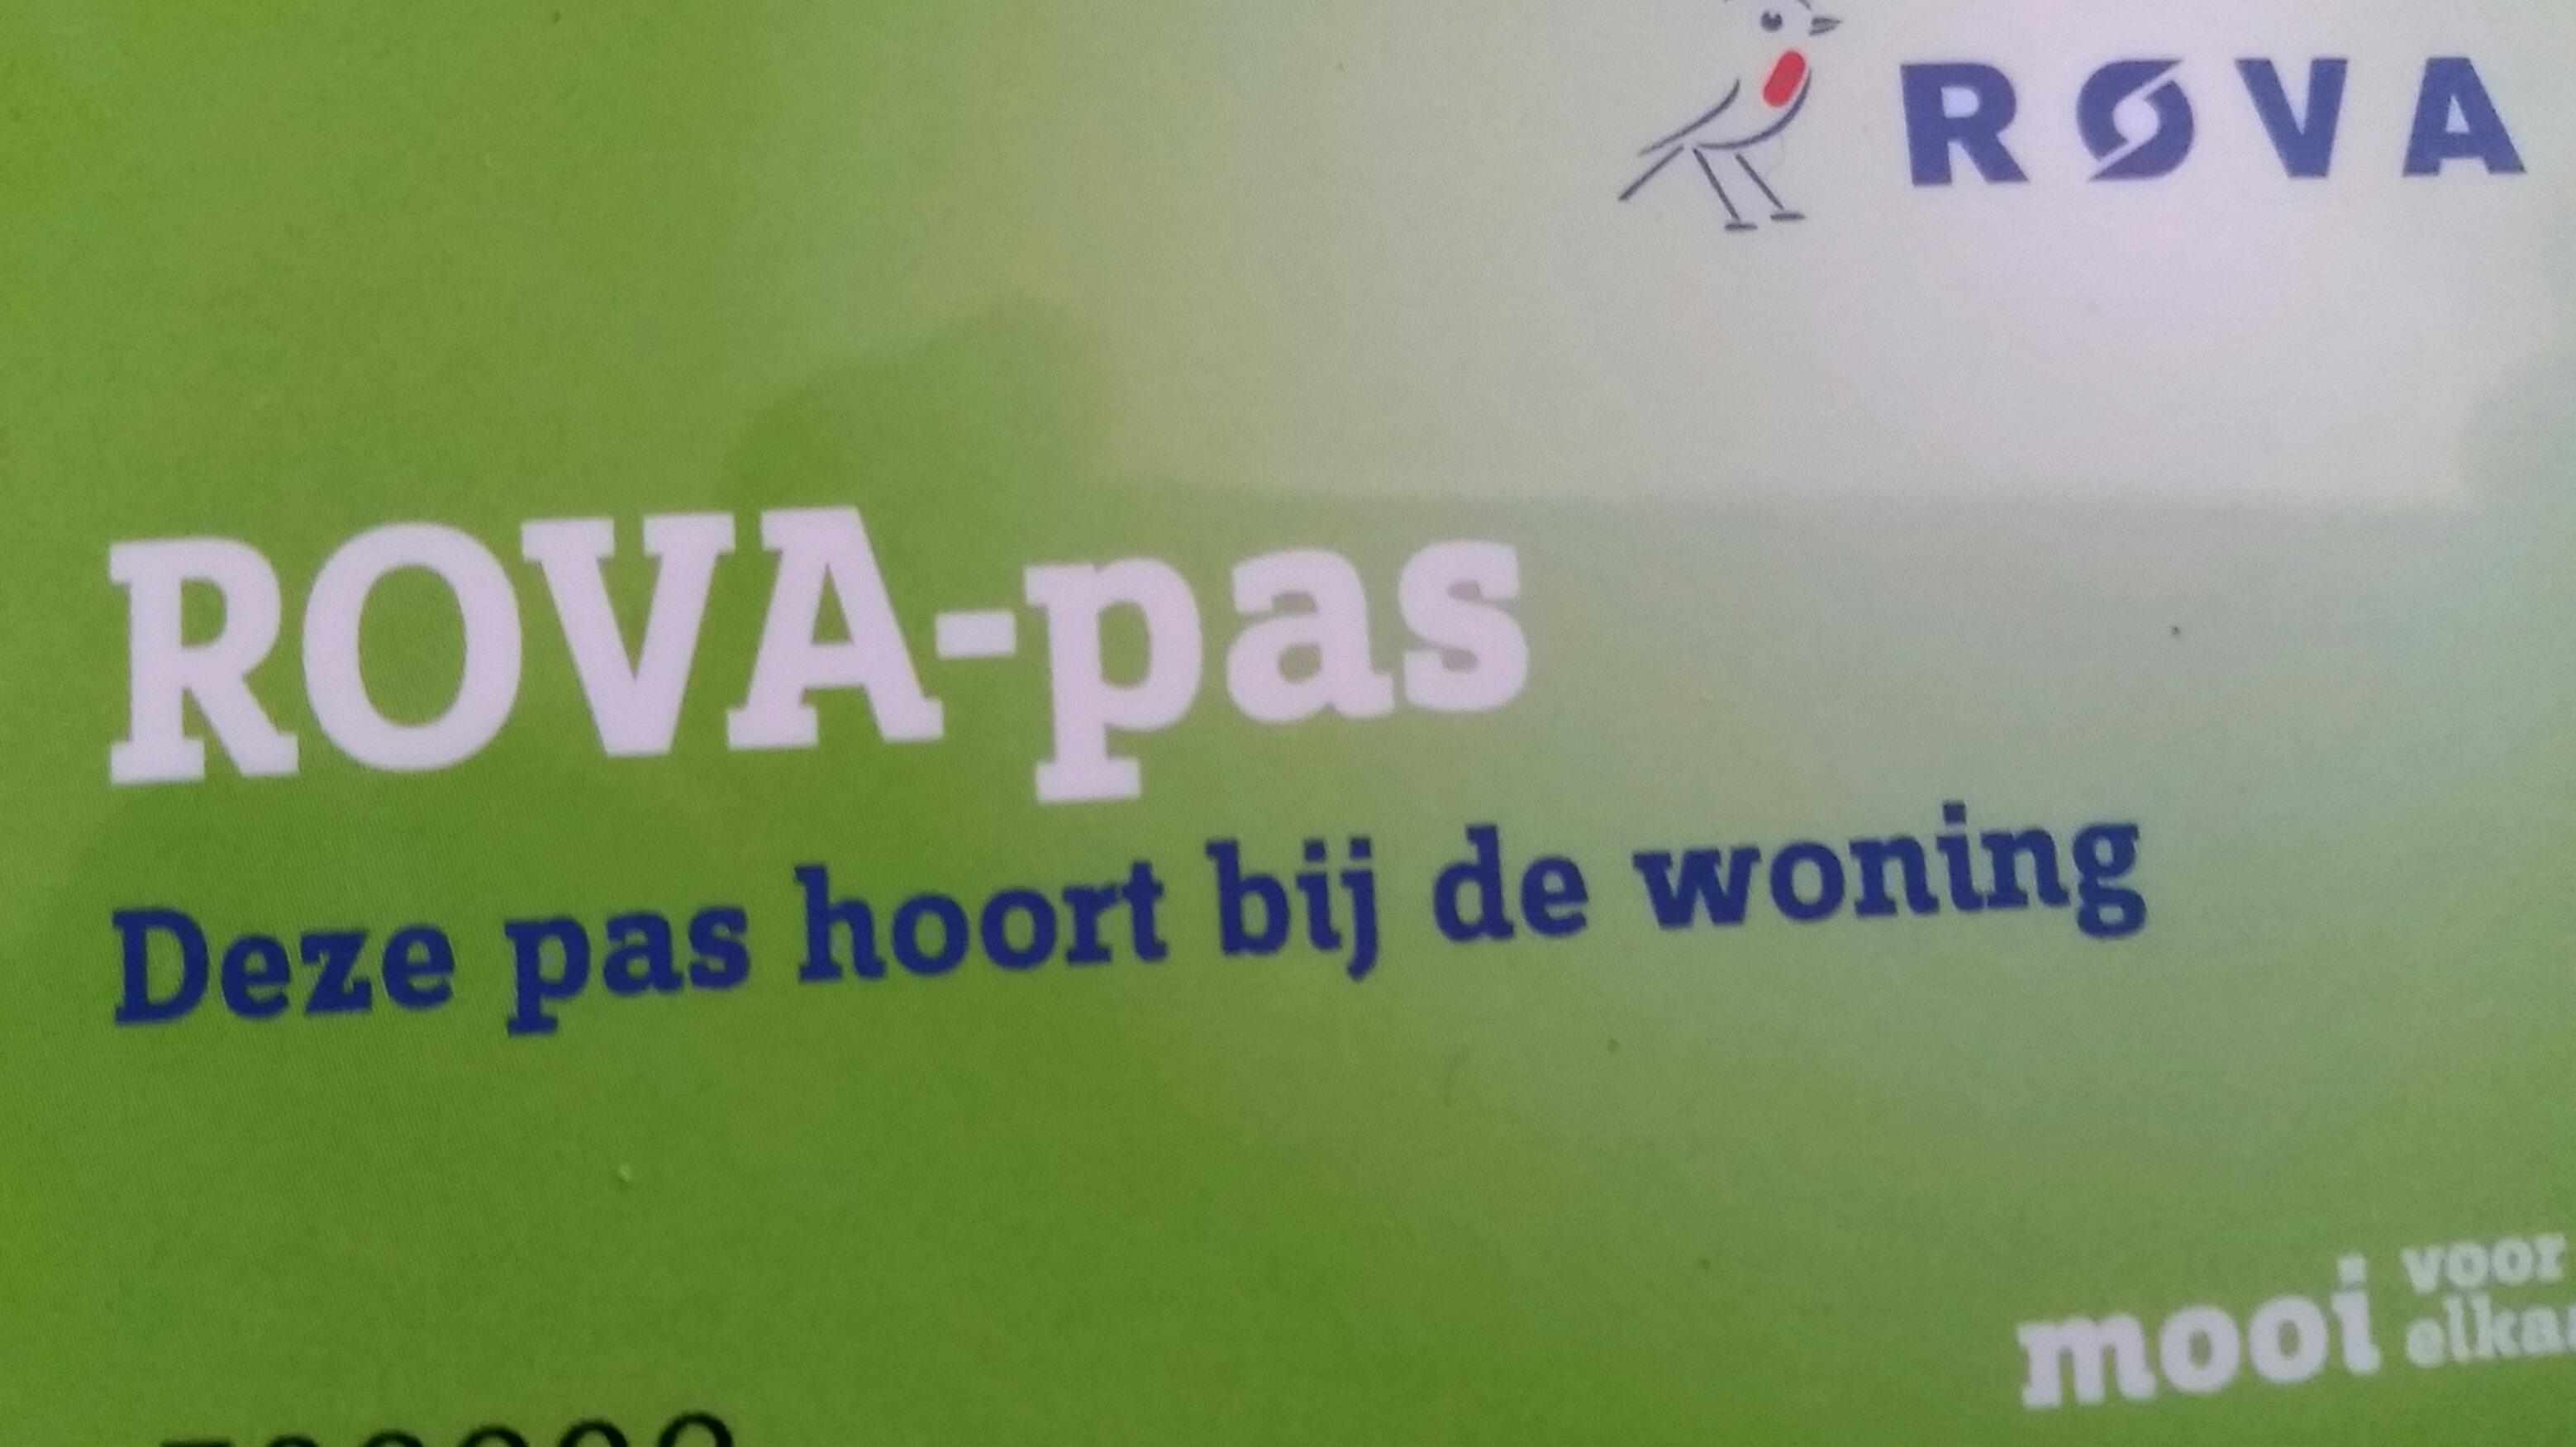 Photo of Beperkte hoeveelheid tuinzakken beschikbaar in Zwolle